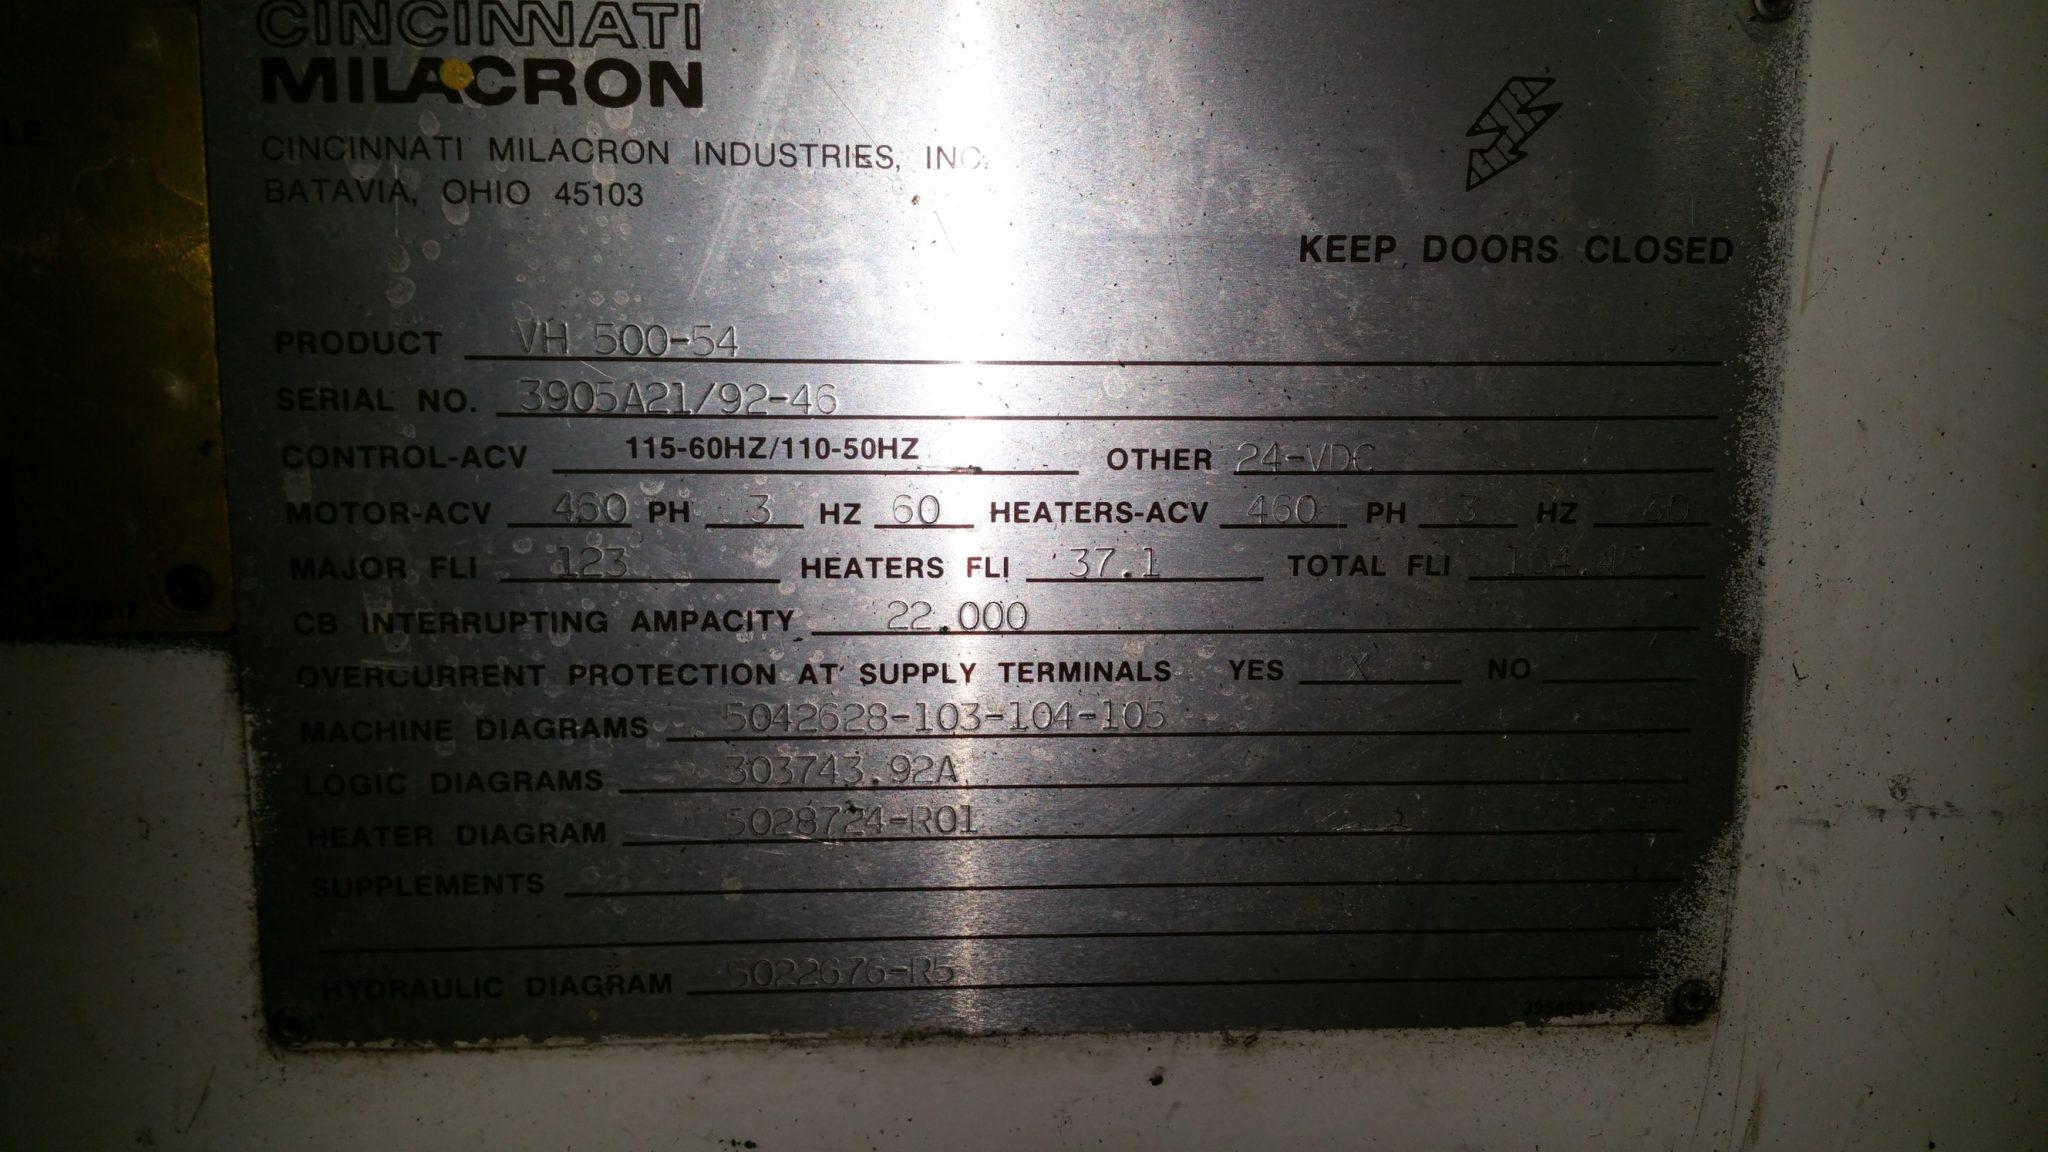 93 Ktm Stator Diagram Control Wiring 500 Cdi 7 Pin Trailer